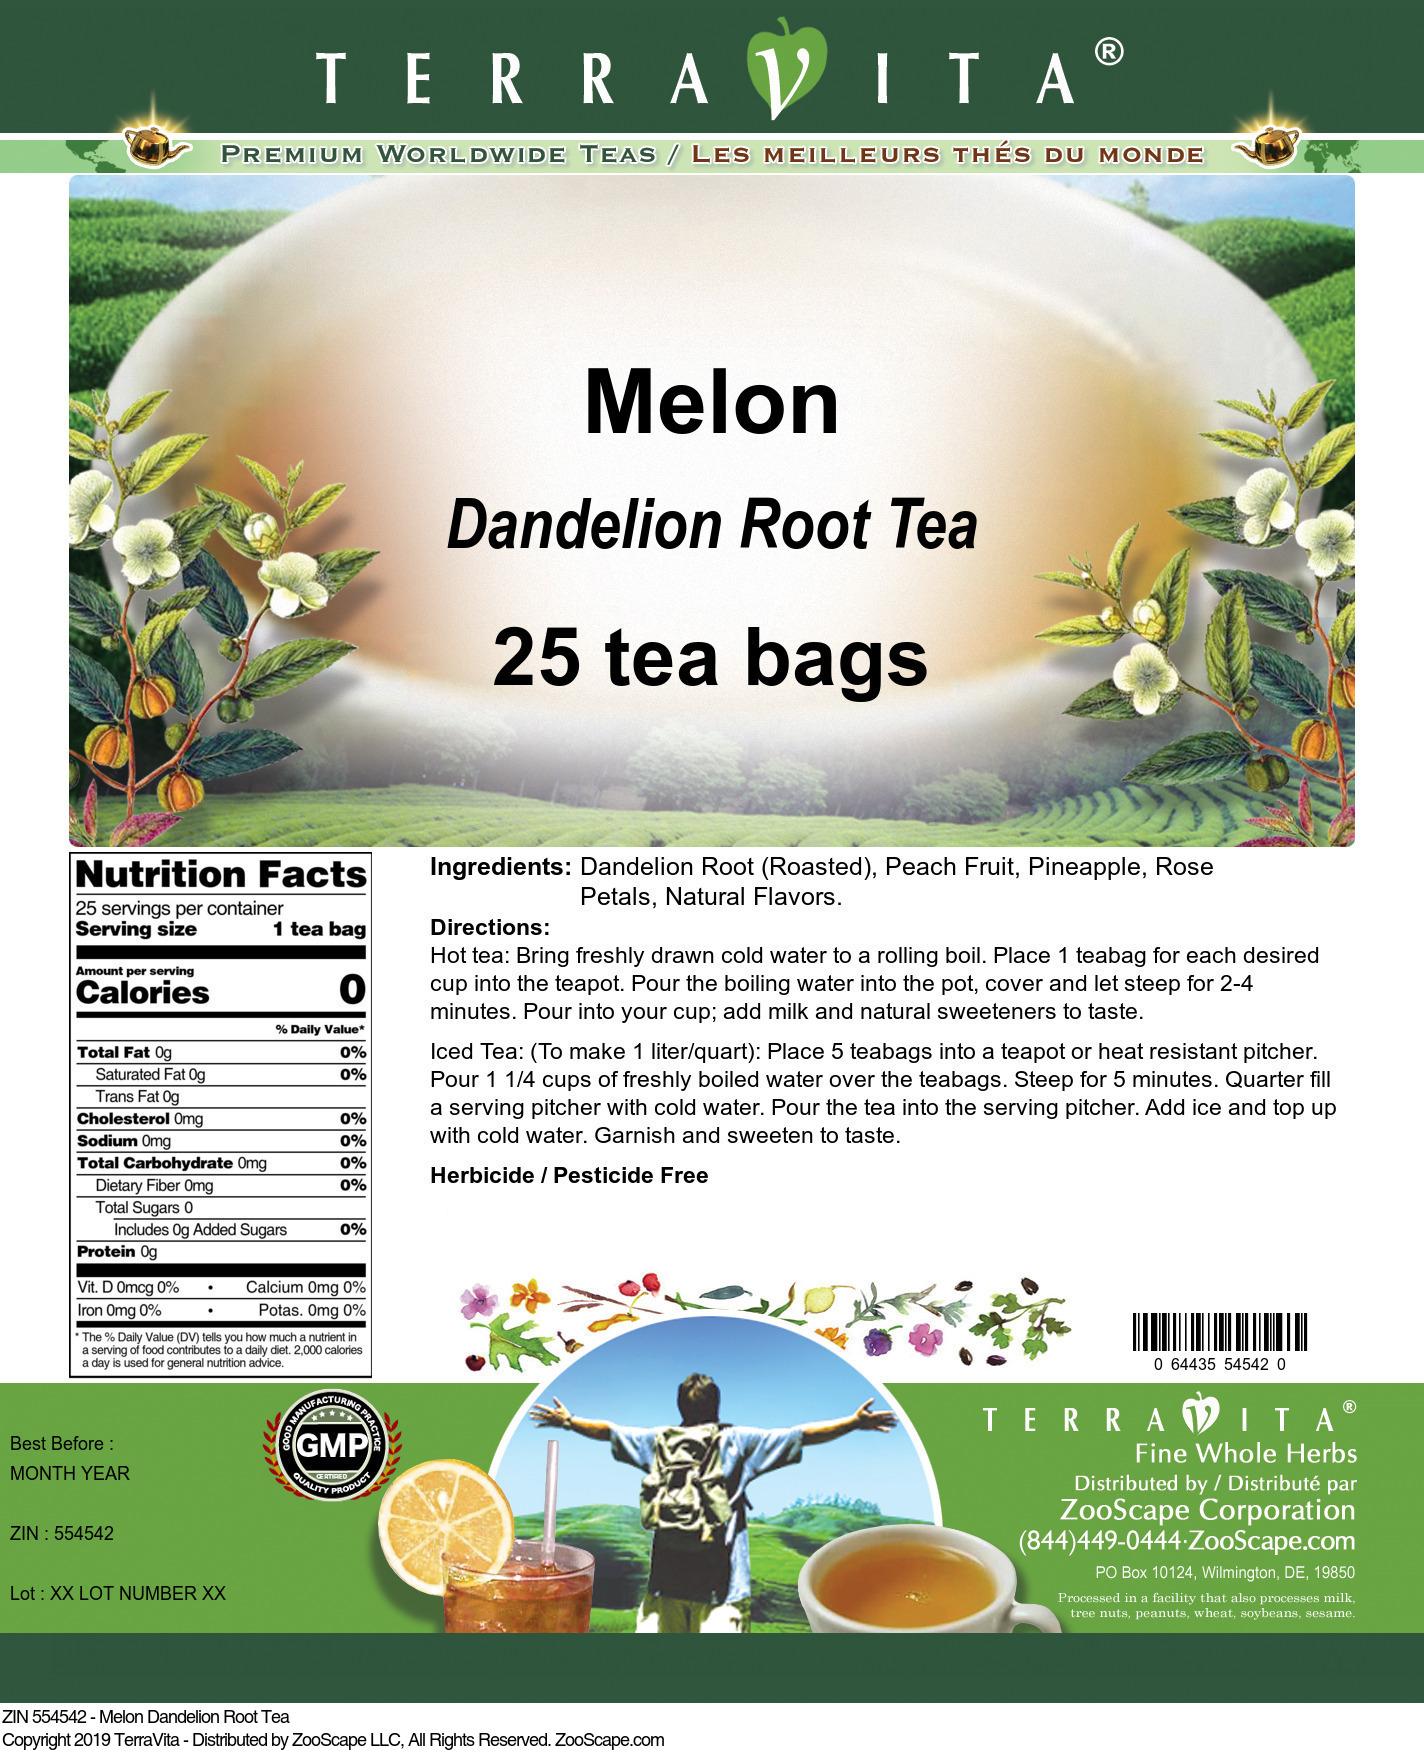 Melon Dandelion Root